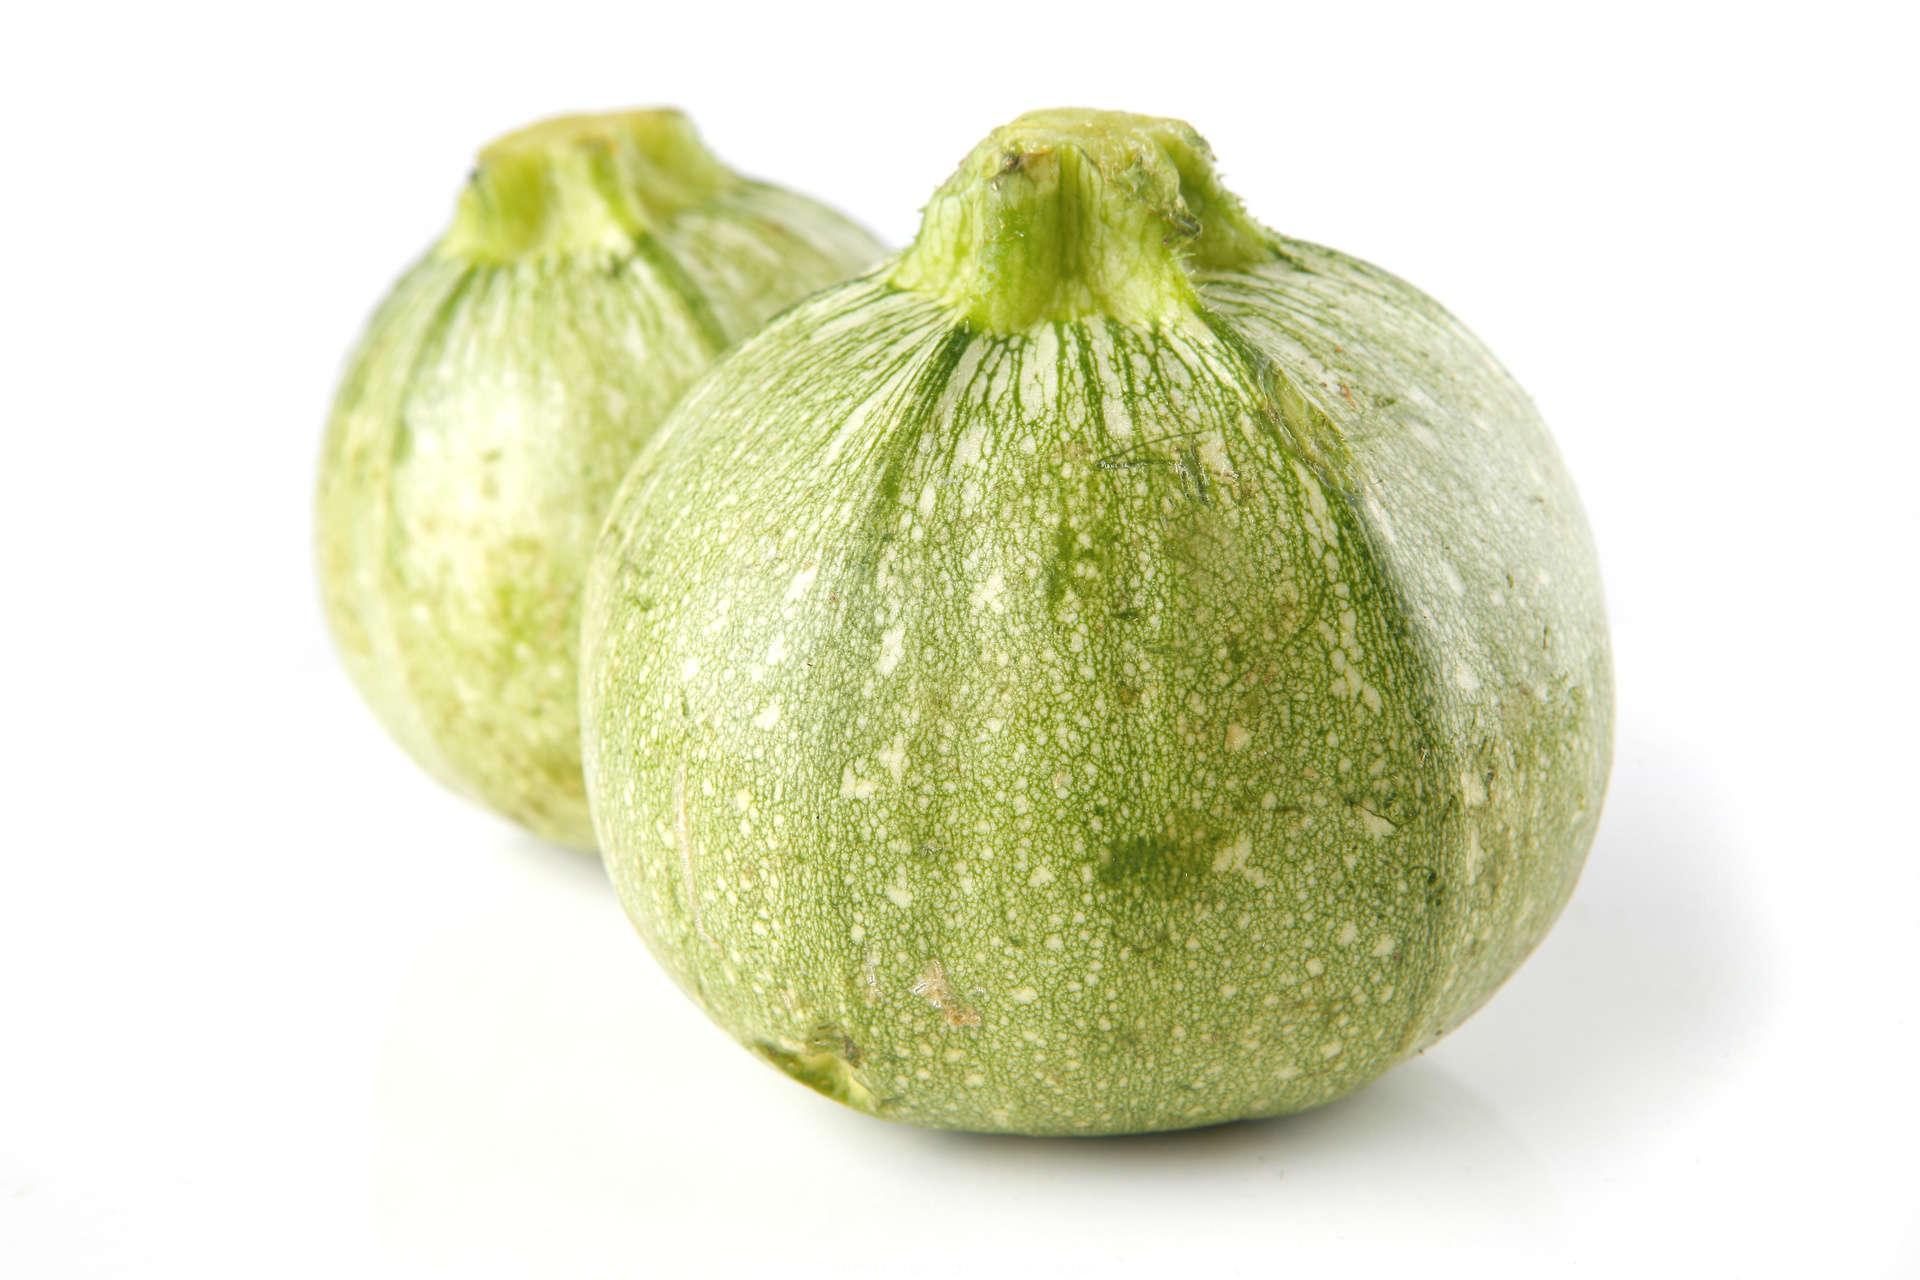 Courge d 39 t ronde de nice semences du portage - Courge de nice ...